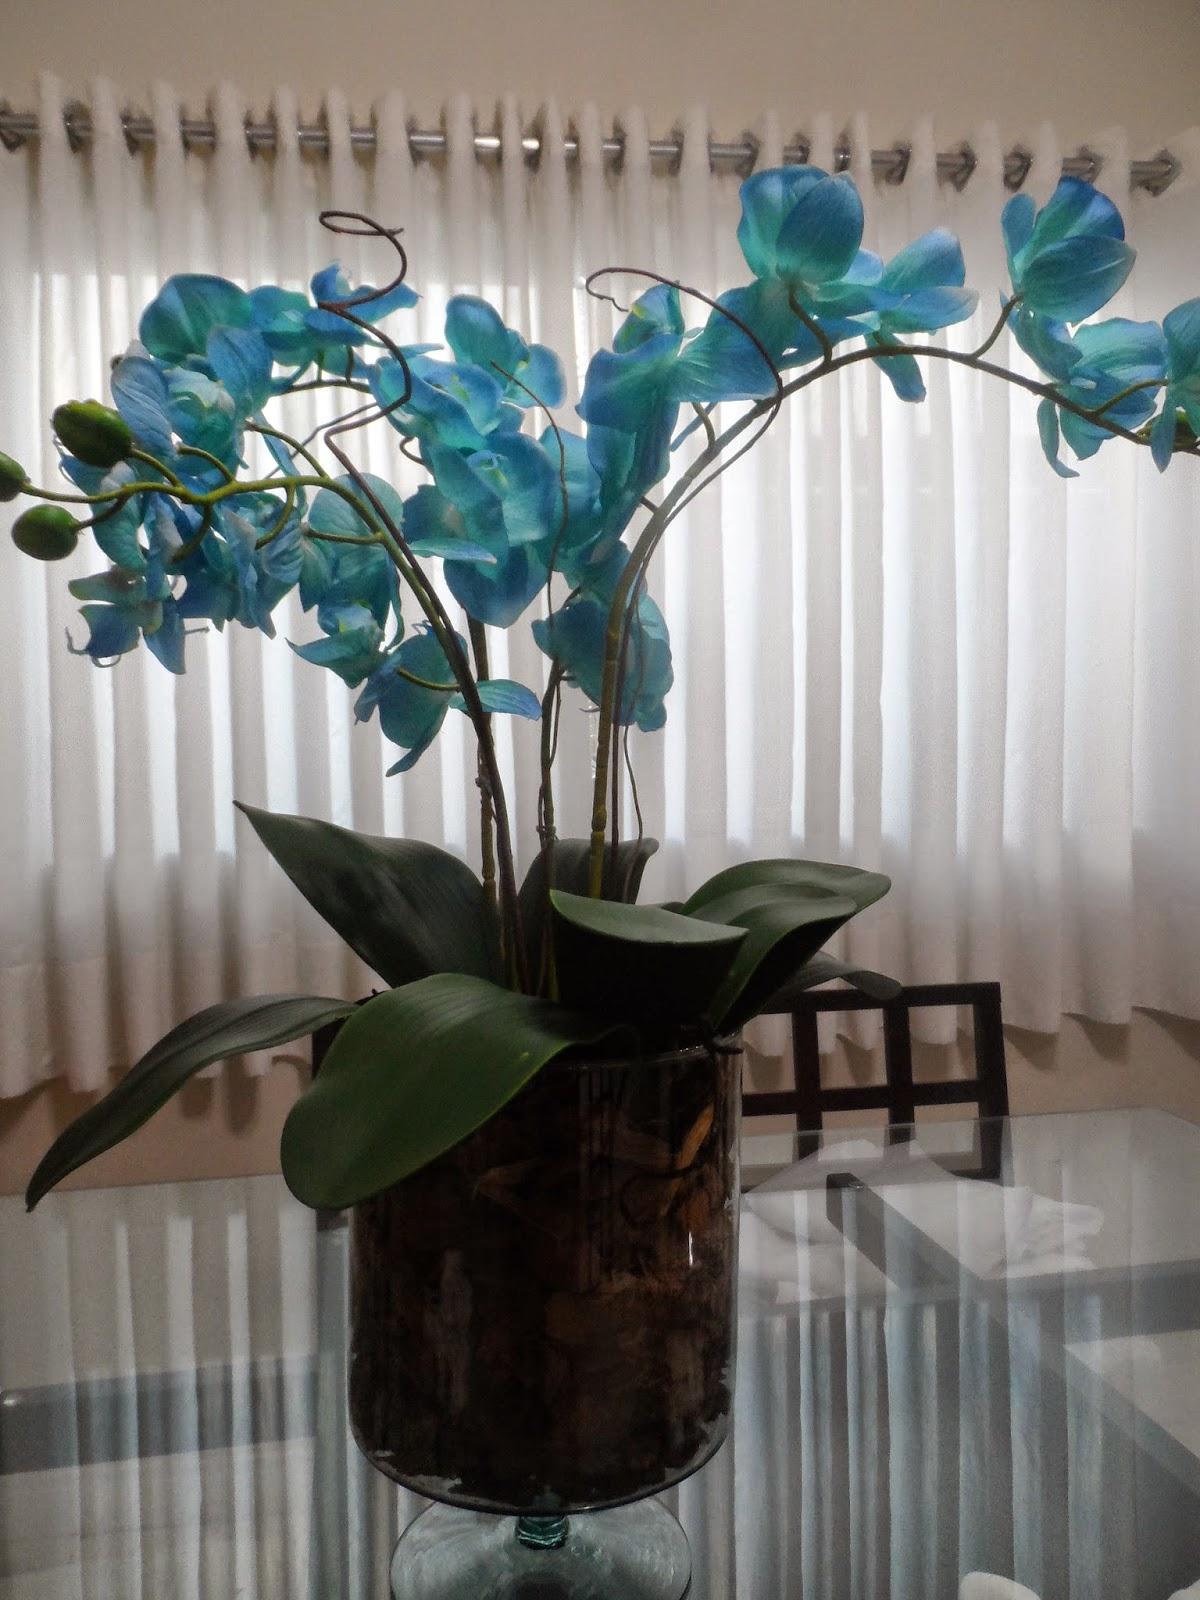 Aprenda a fazer arranjo de orquídeas artificiais! Veja o